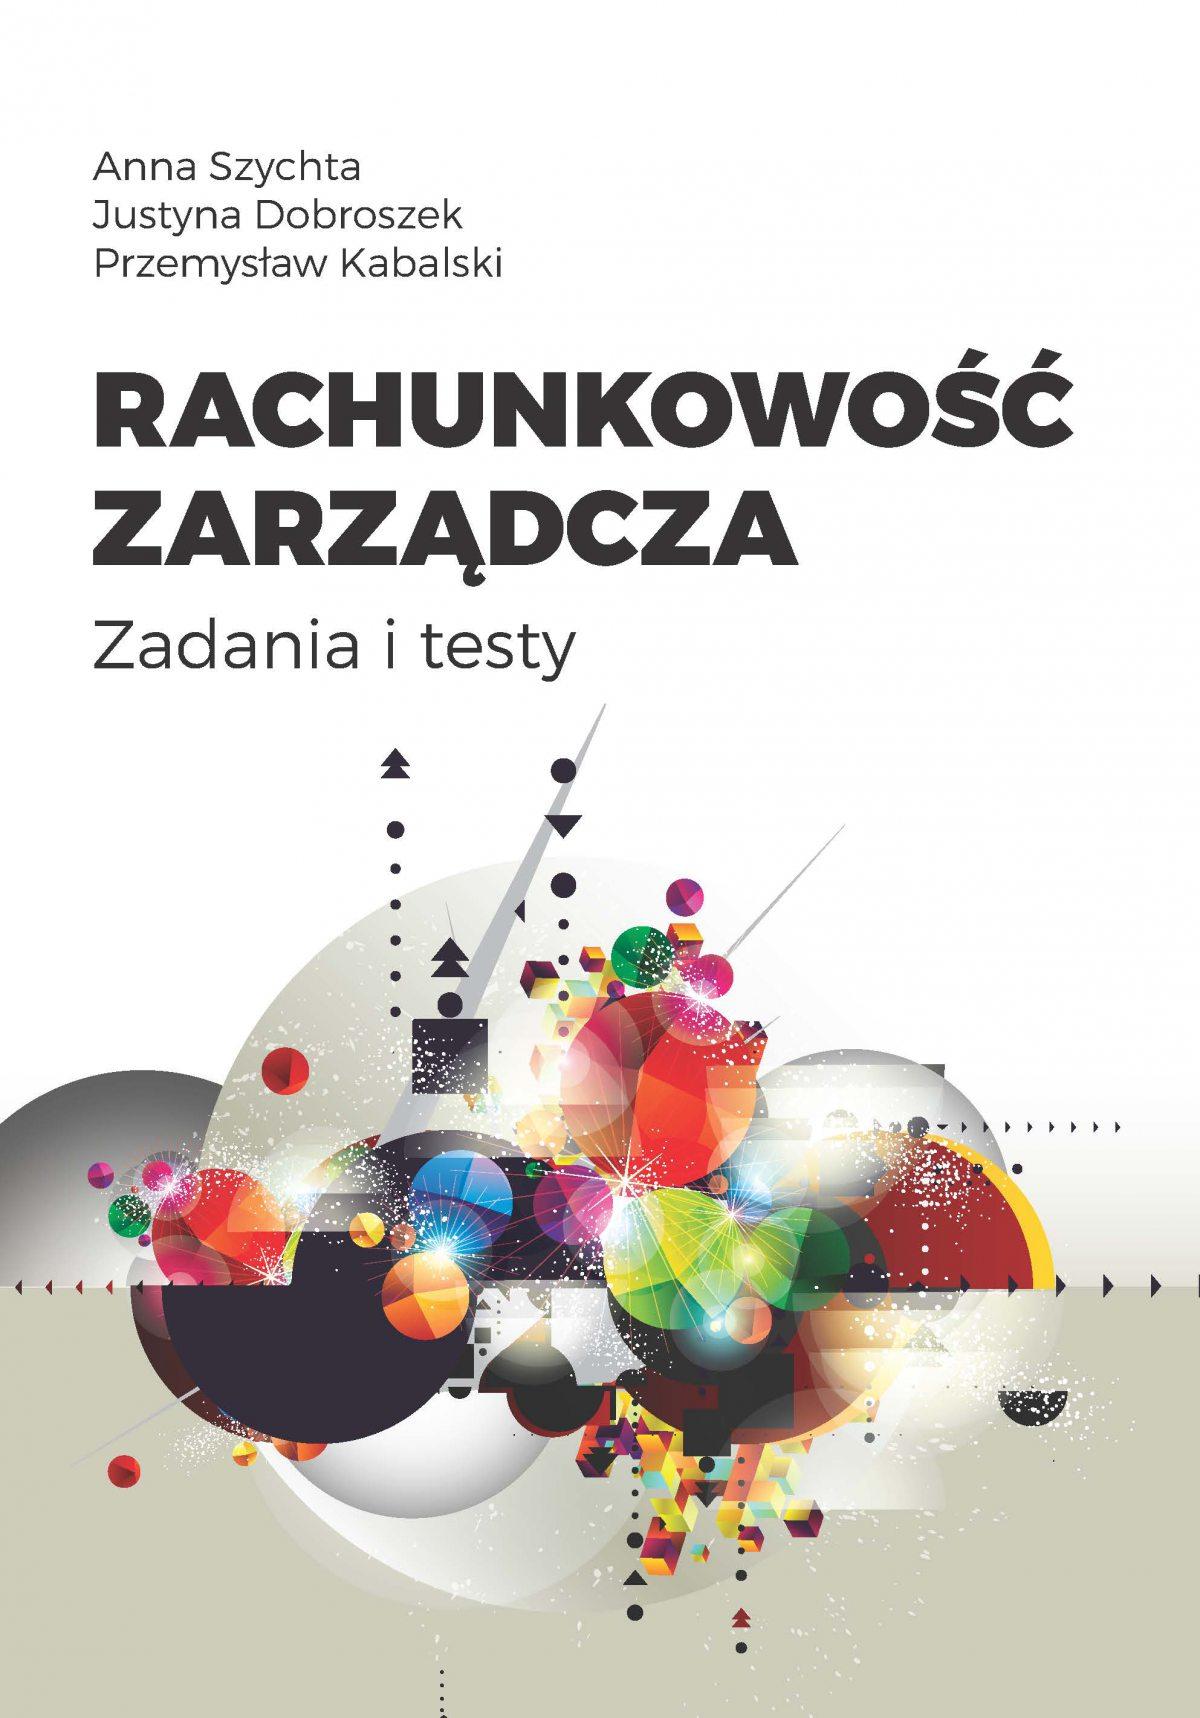 Rachunkowość zarządcza. Zadania i testy - Ebook (Książka PDF) do pobrania w formacie PDF